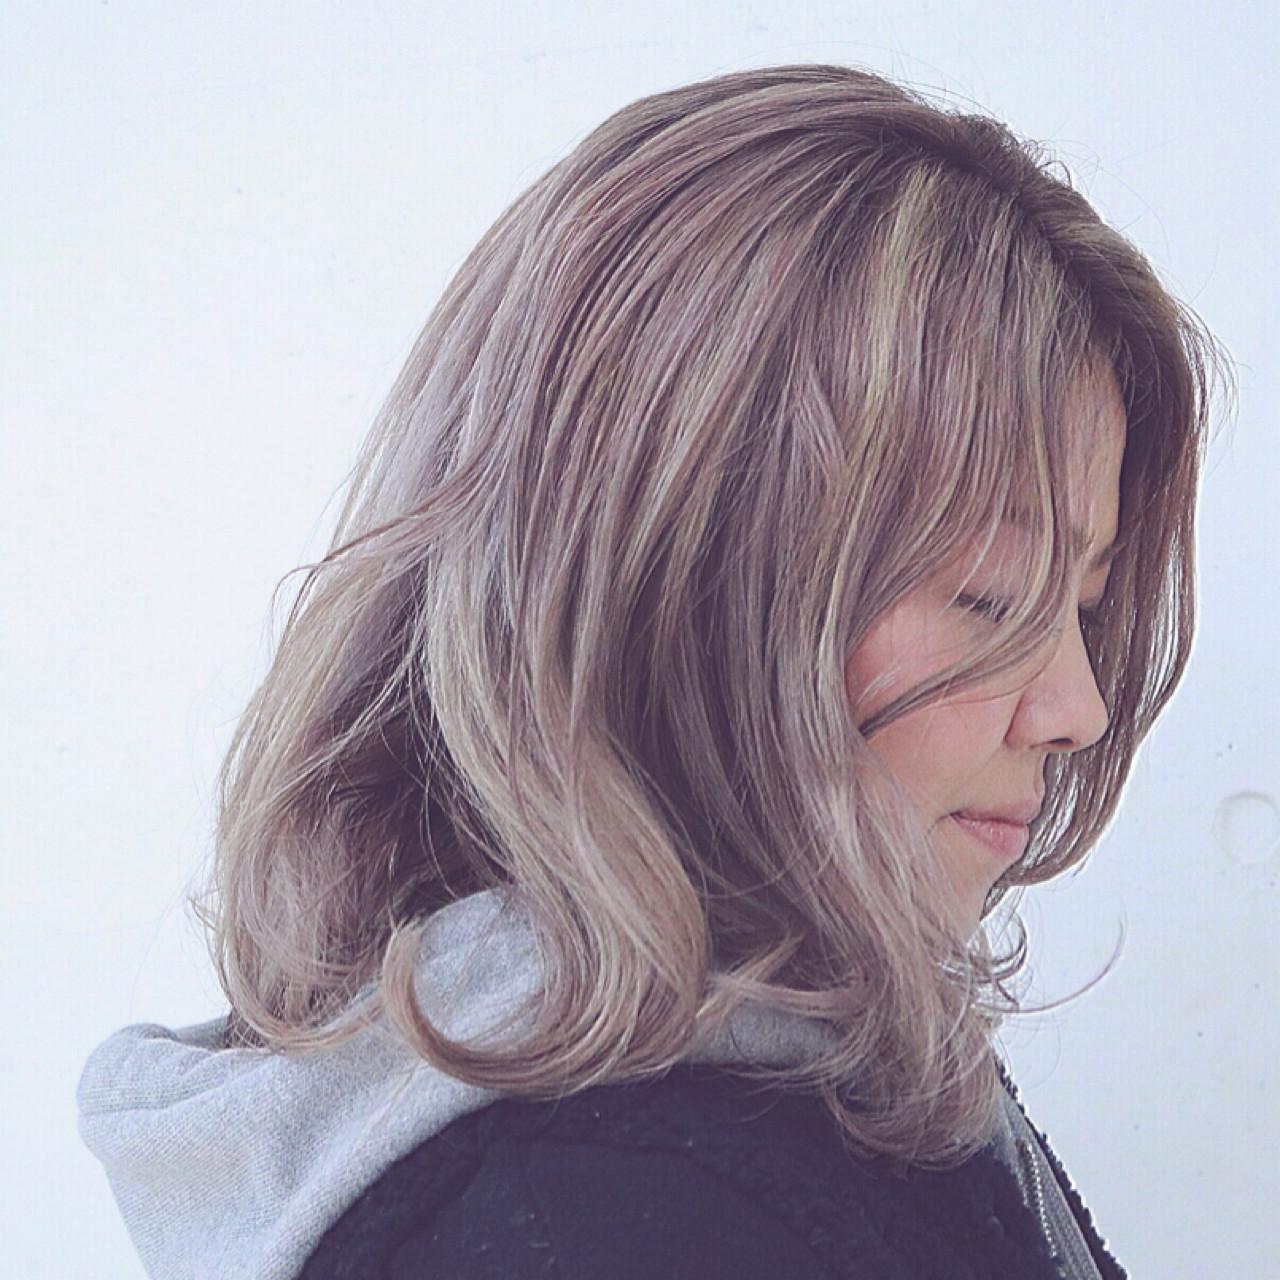 外国人風 ハイライト グラデーションカラー ストリート ヘアスタイルや髪型の写真・画像